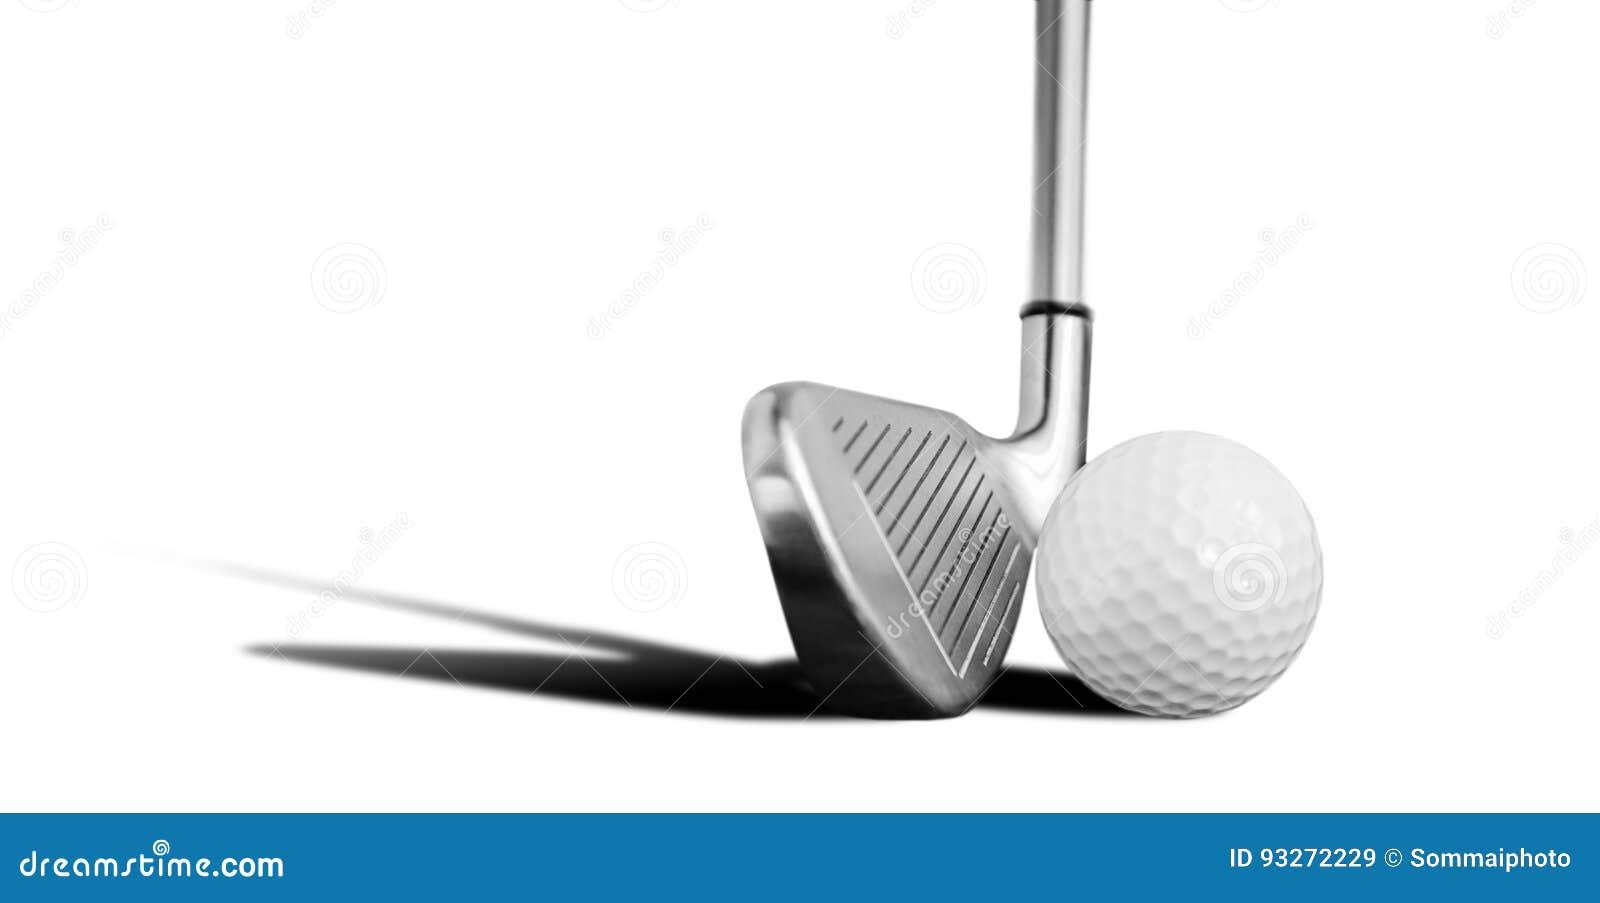 Шар для игры в гольф и утюг